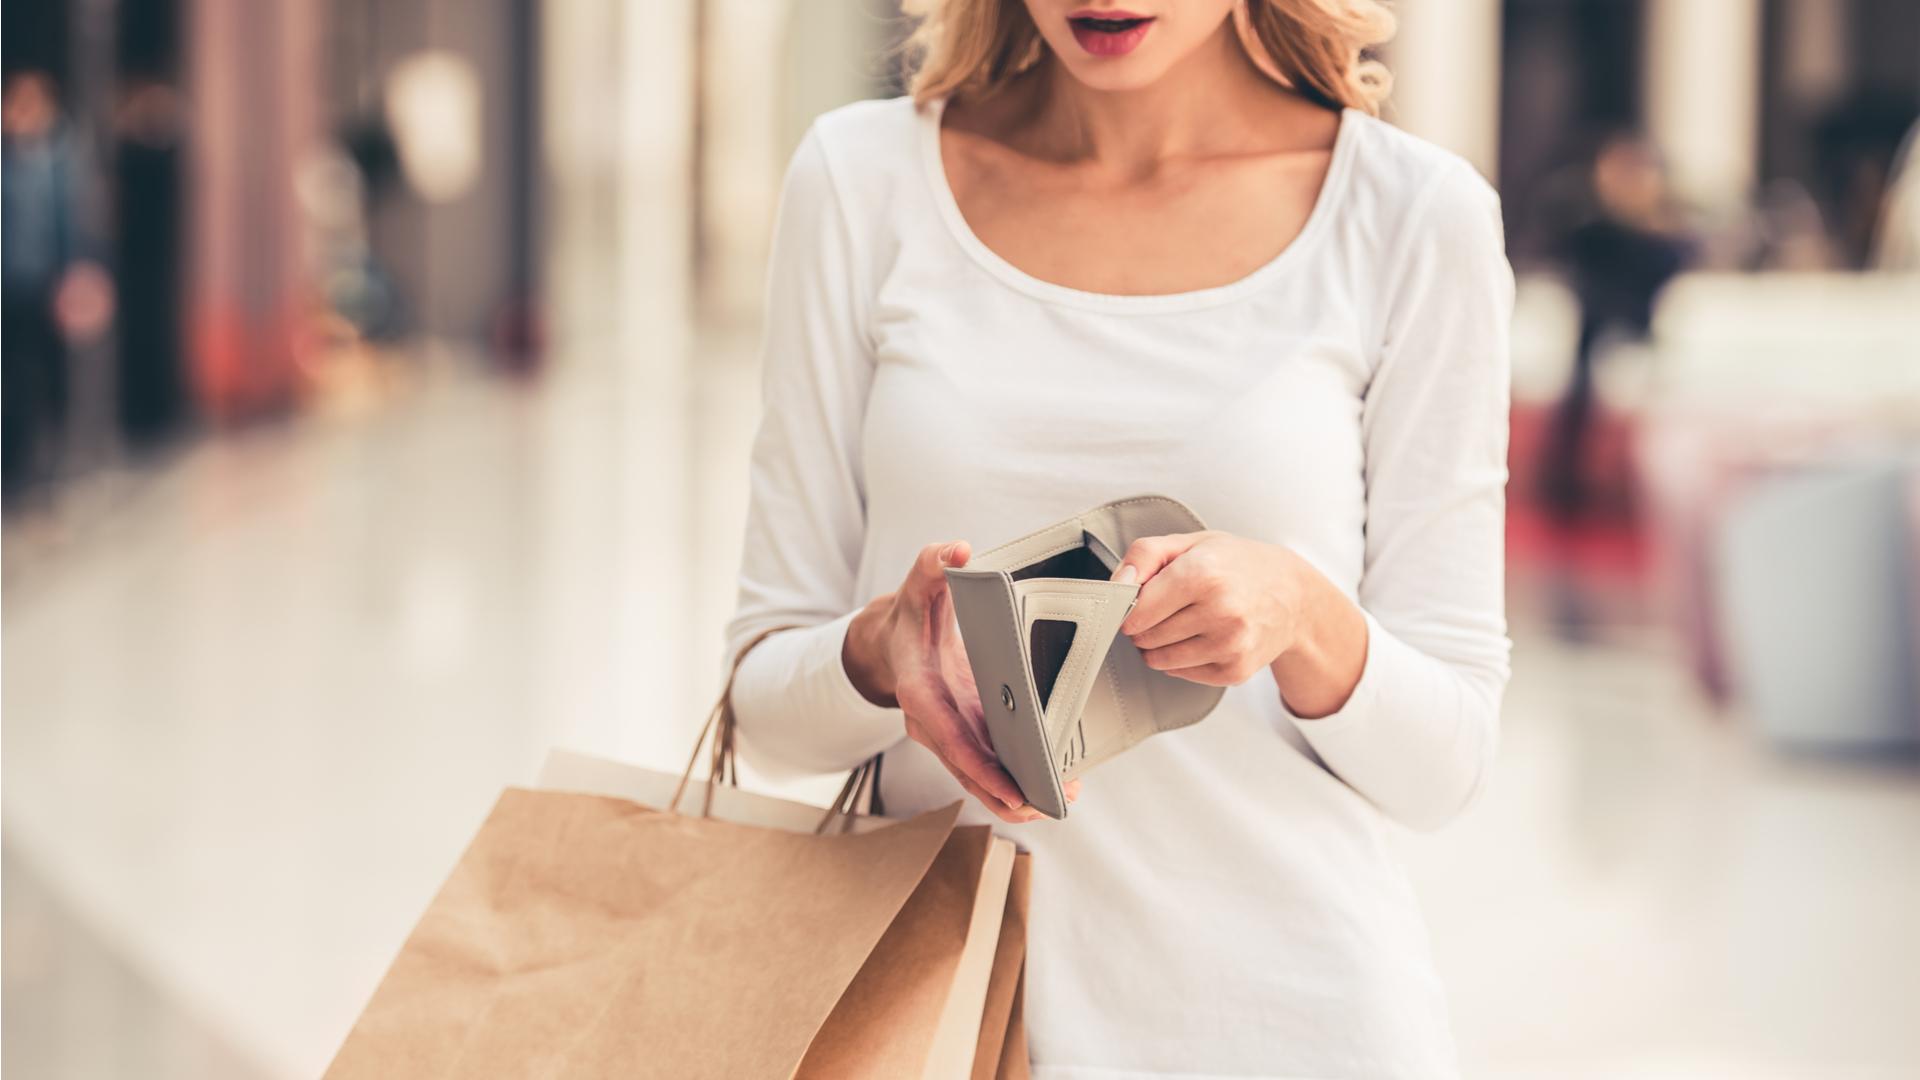 貯金ゼロ…アラサー女子が本気で貯金をしようと思ったワケ